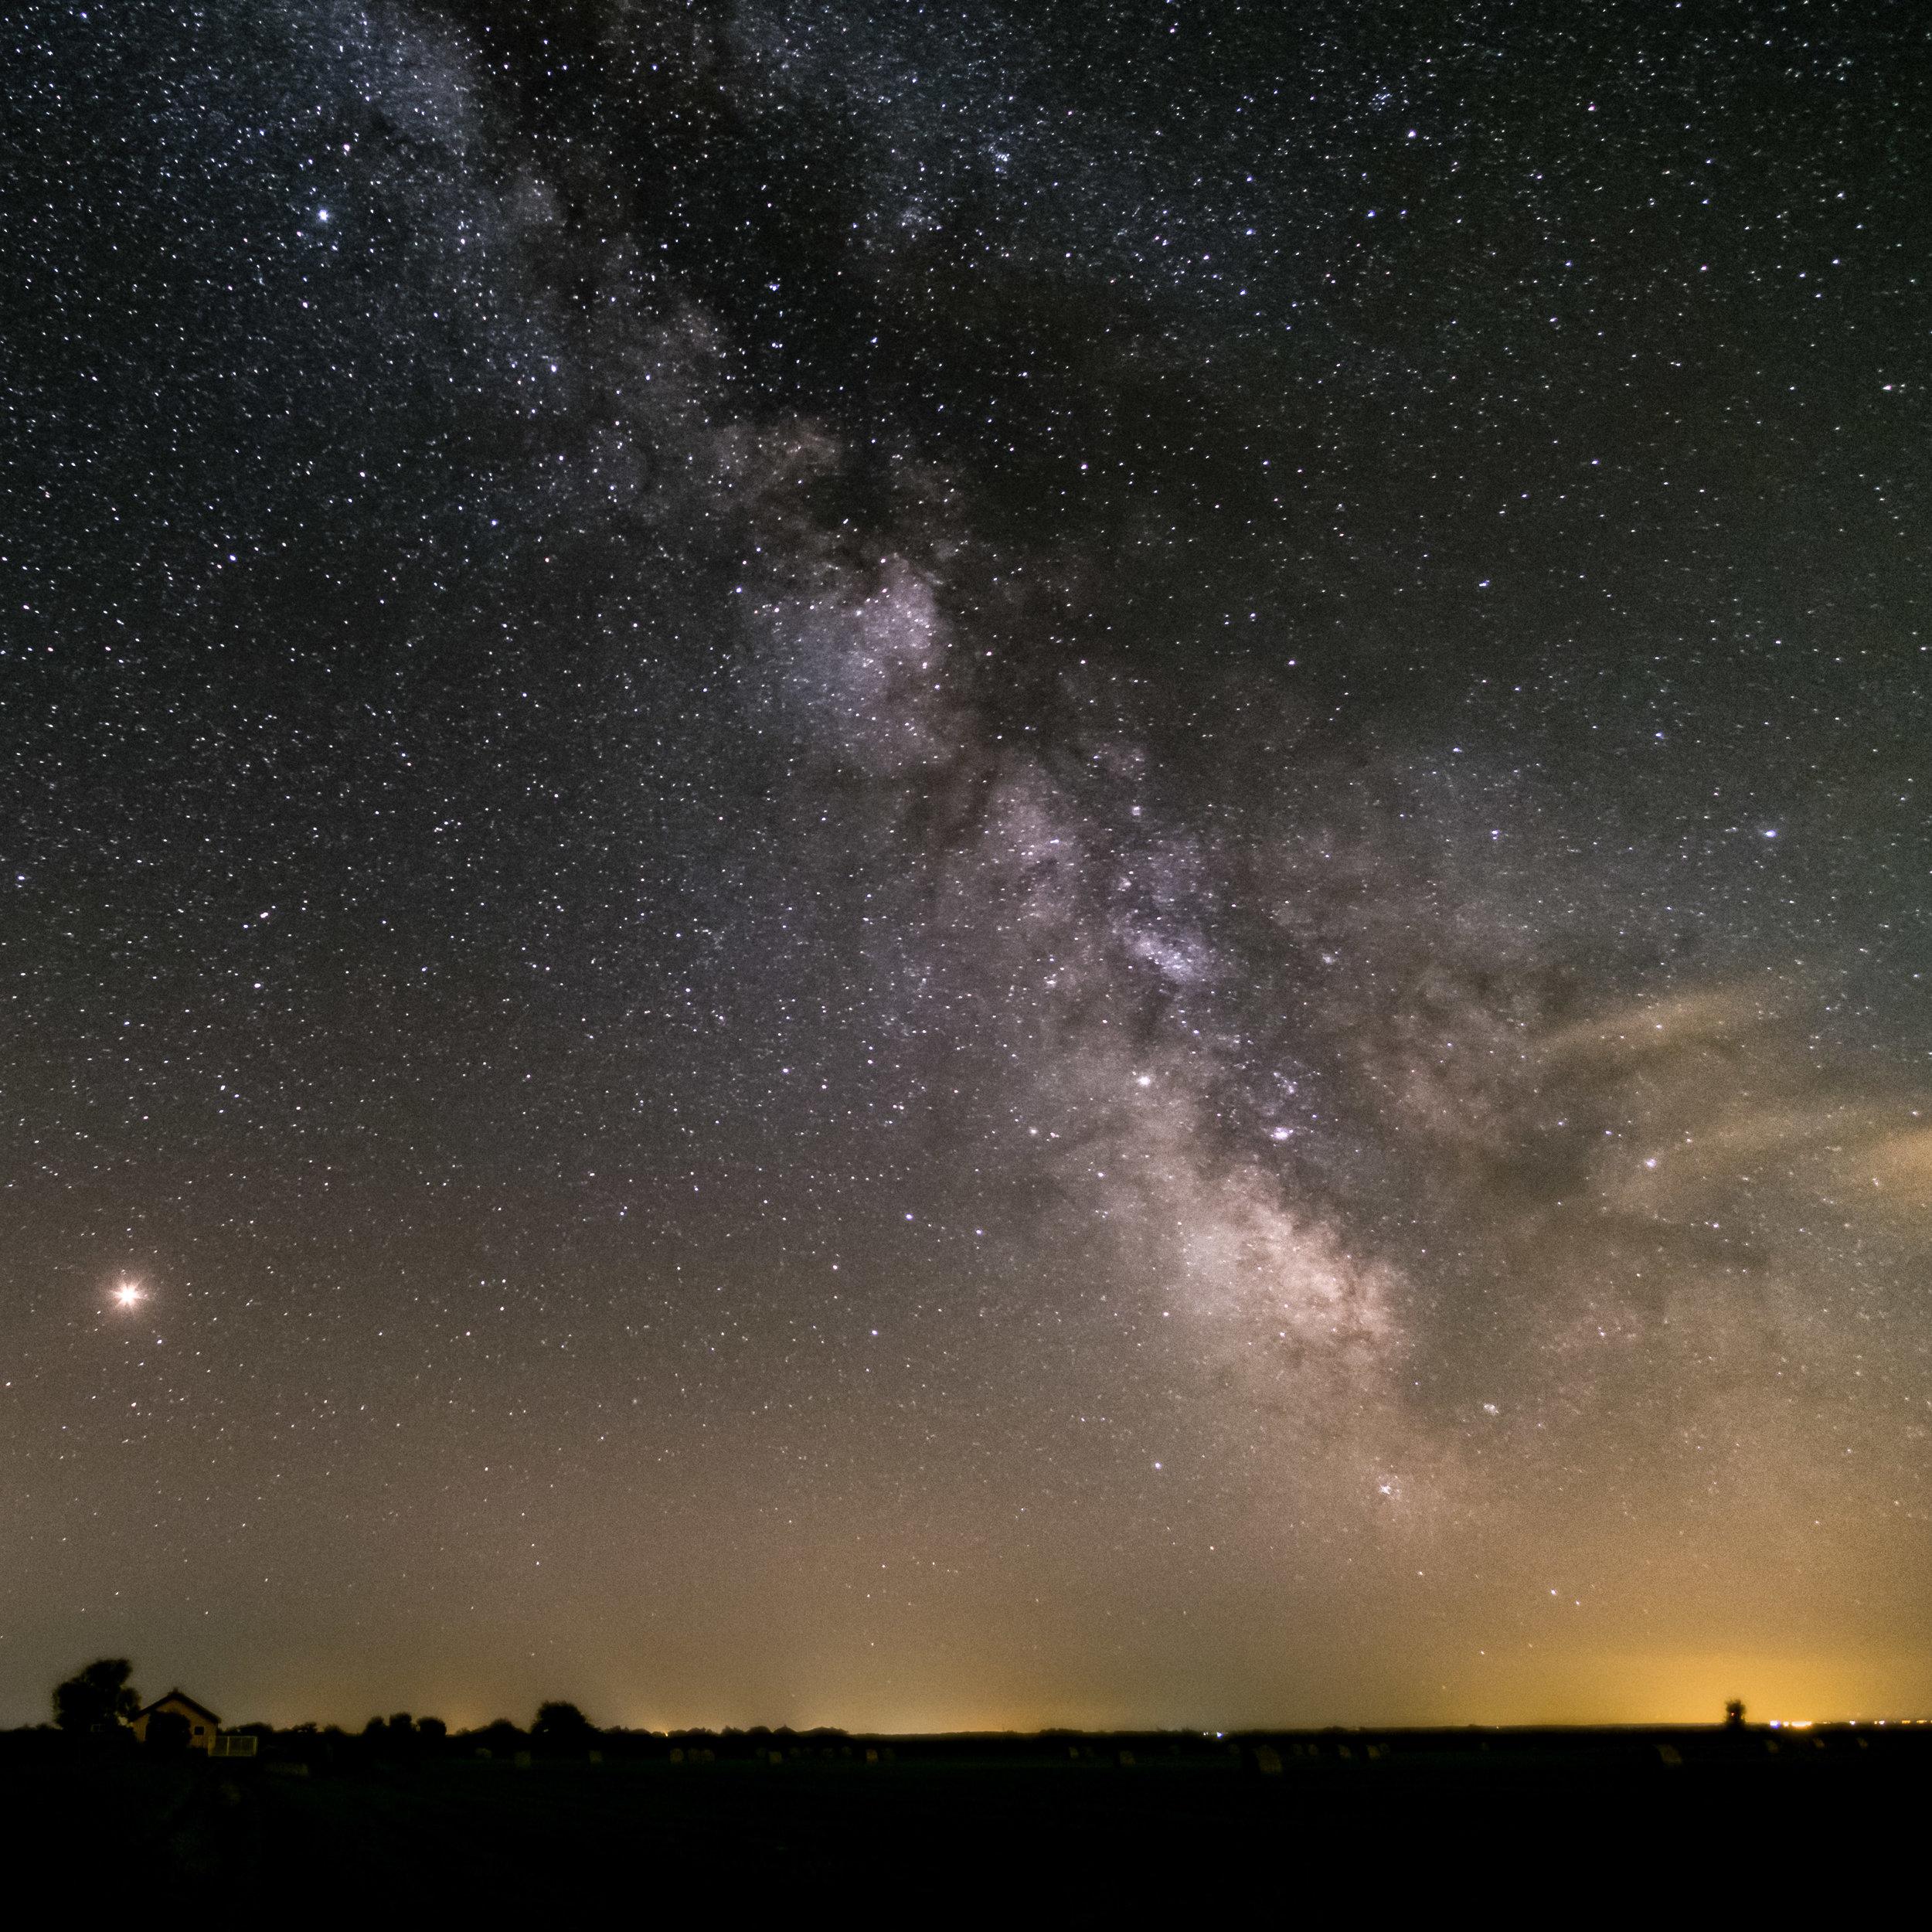 Milchstraße und Mars / Milky Way and Mars